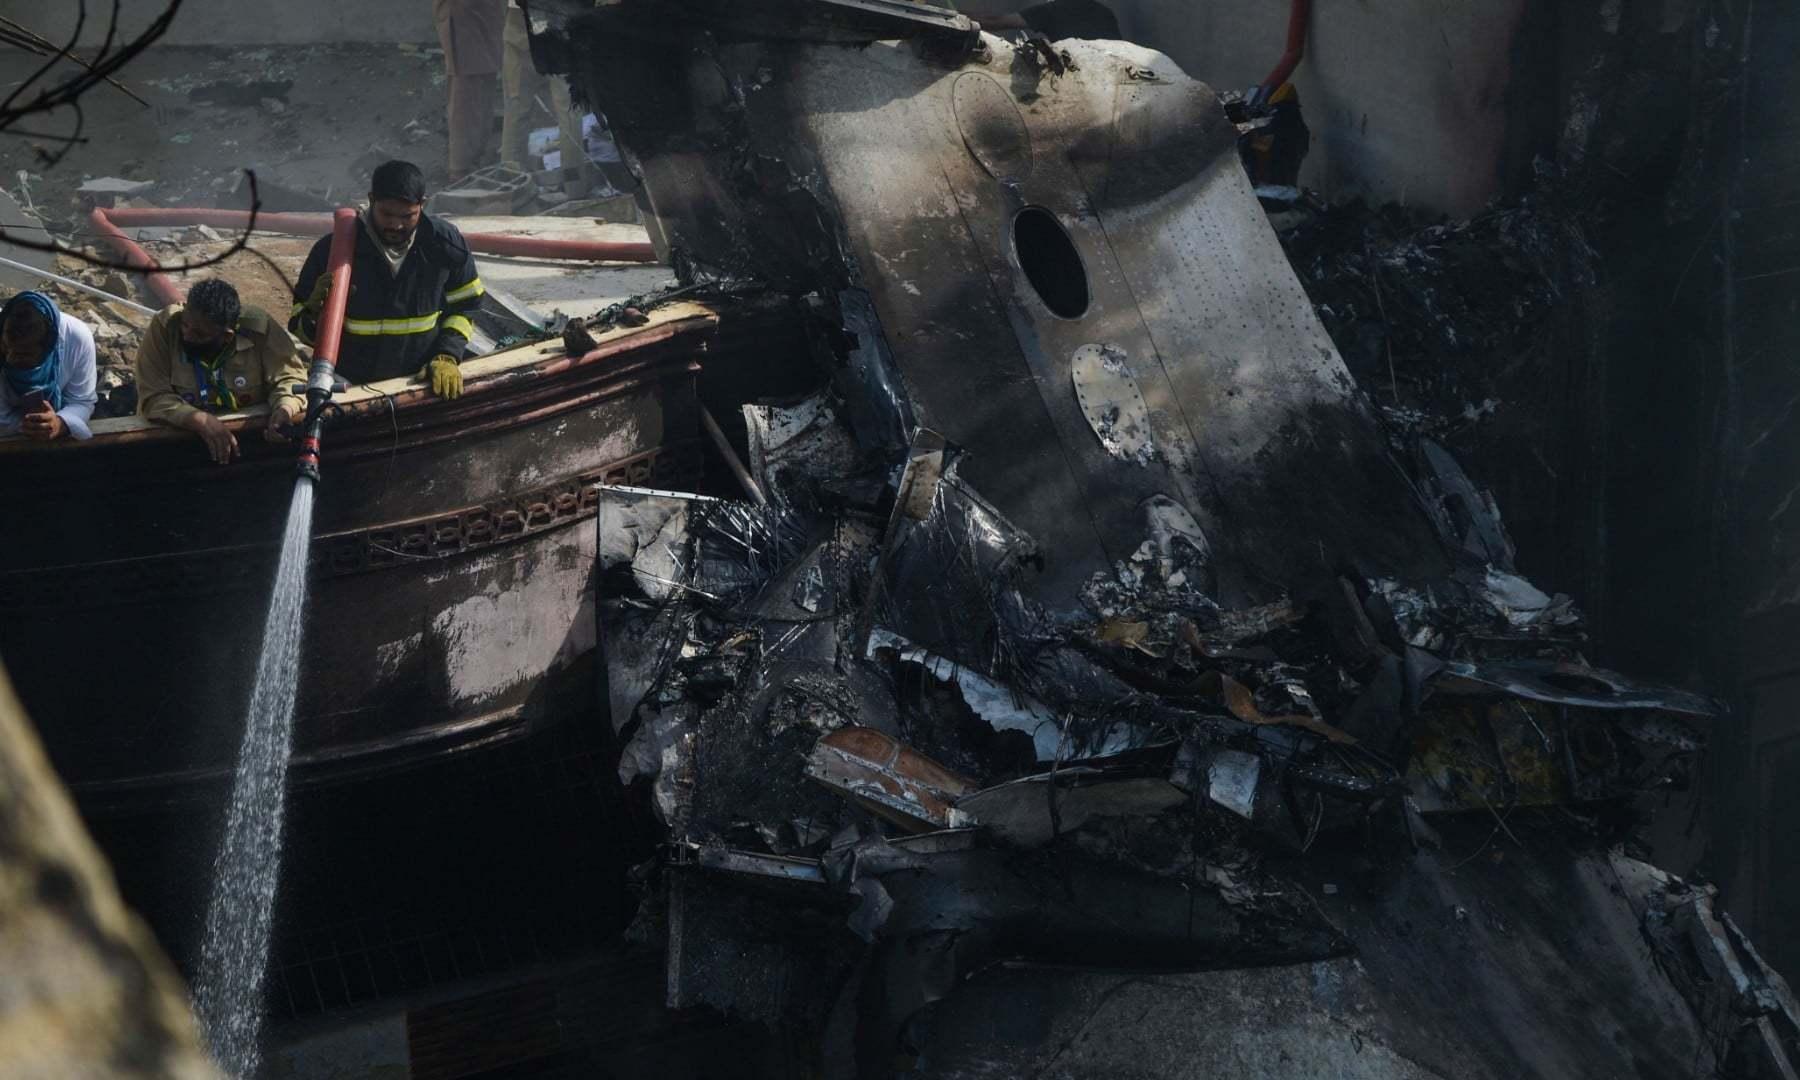 کراچی پریس کلب میں پریس کانفرنس کے دوران طیارہ حادثے کے متاثرین کے اہلخانہ نے رپورٹ کو مسترد کیا۔ فائل فوٹو:اے ایف پی